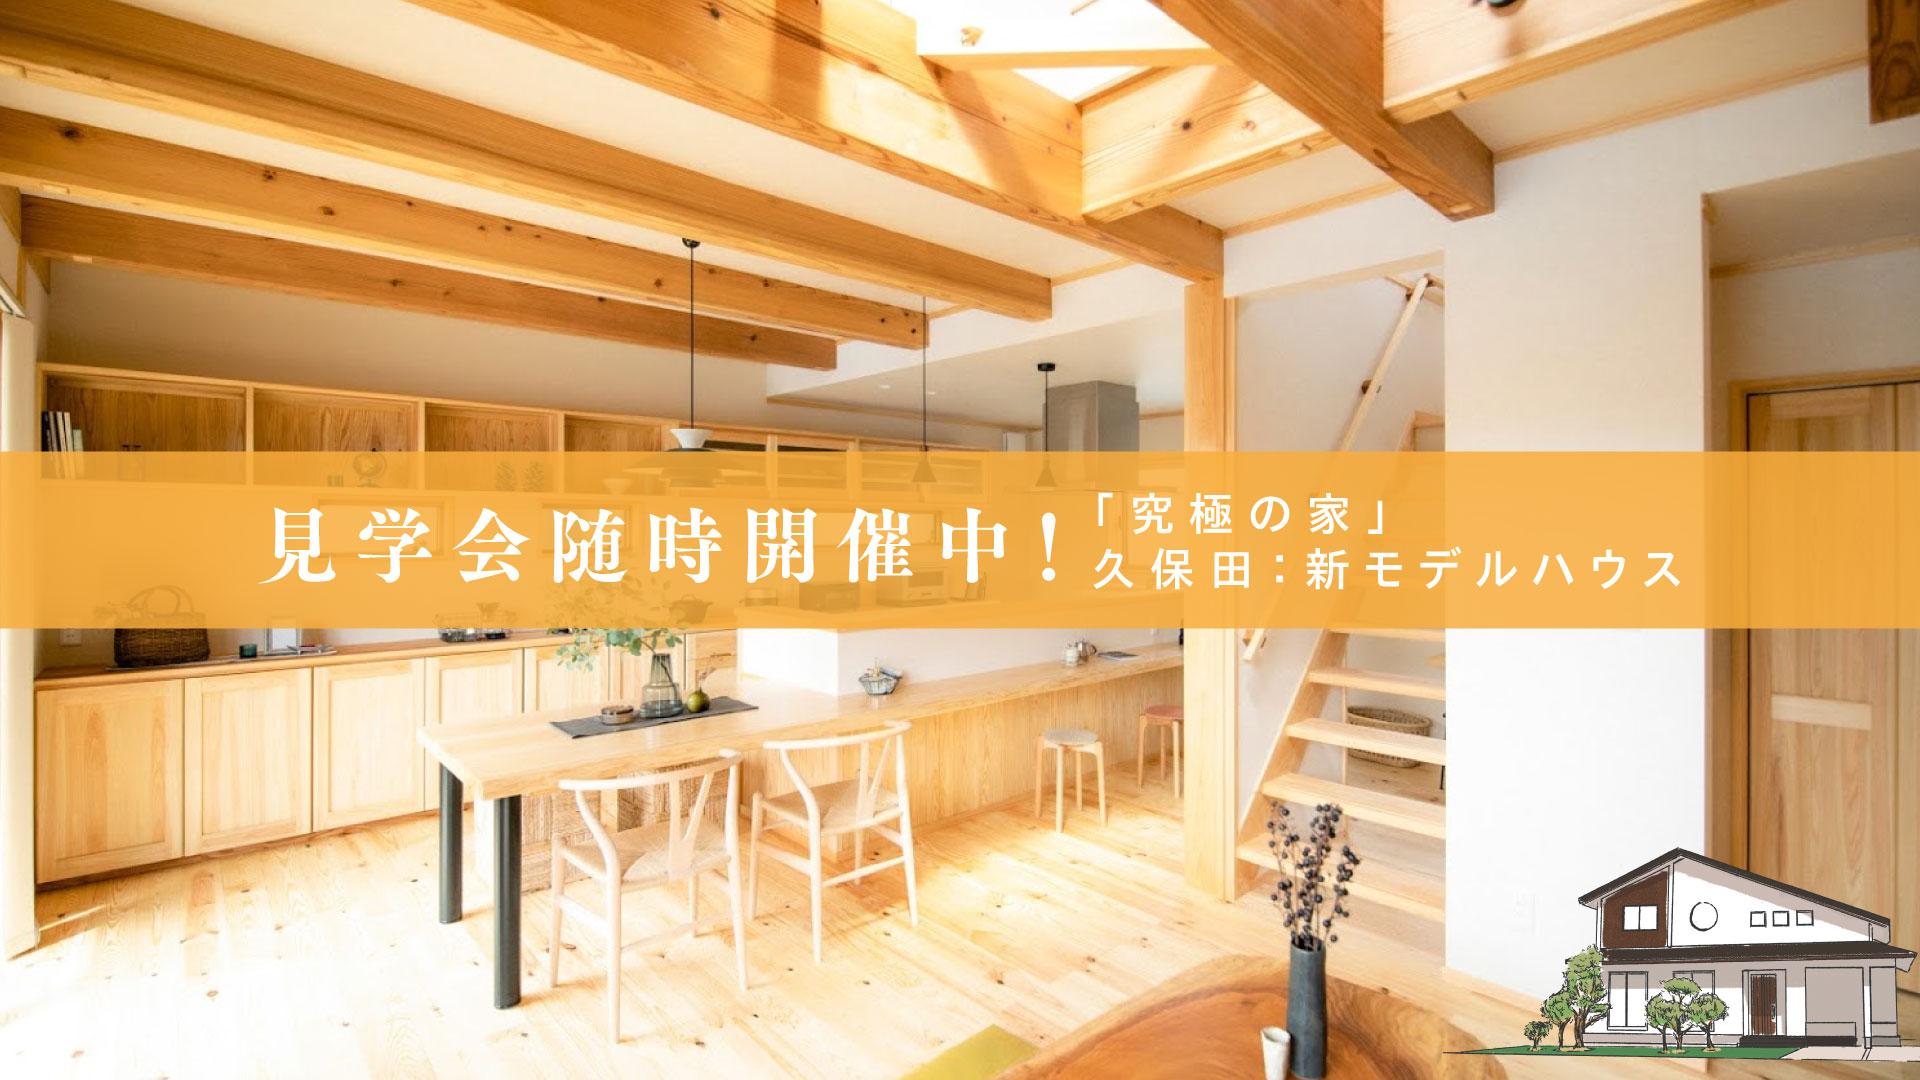 見学会随時開 催中!「究極の家」久保田:新モデルハウス